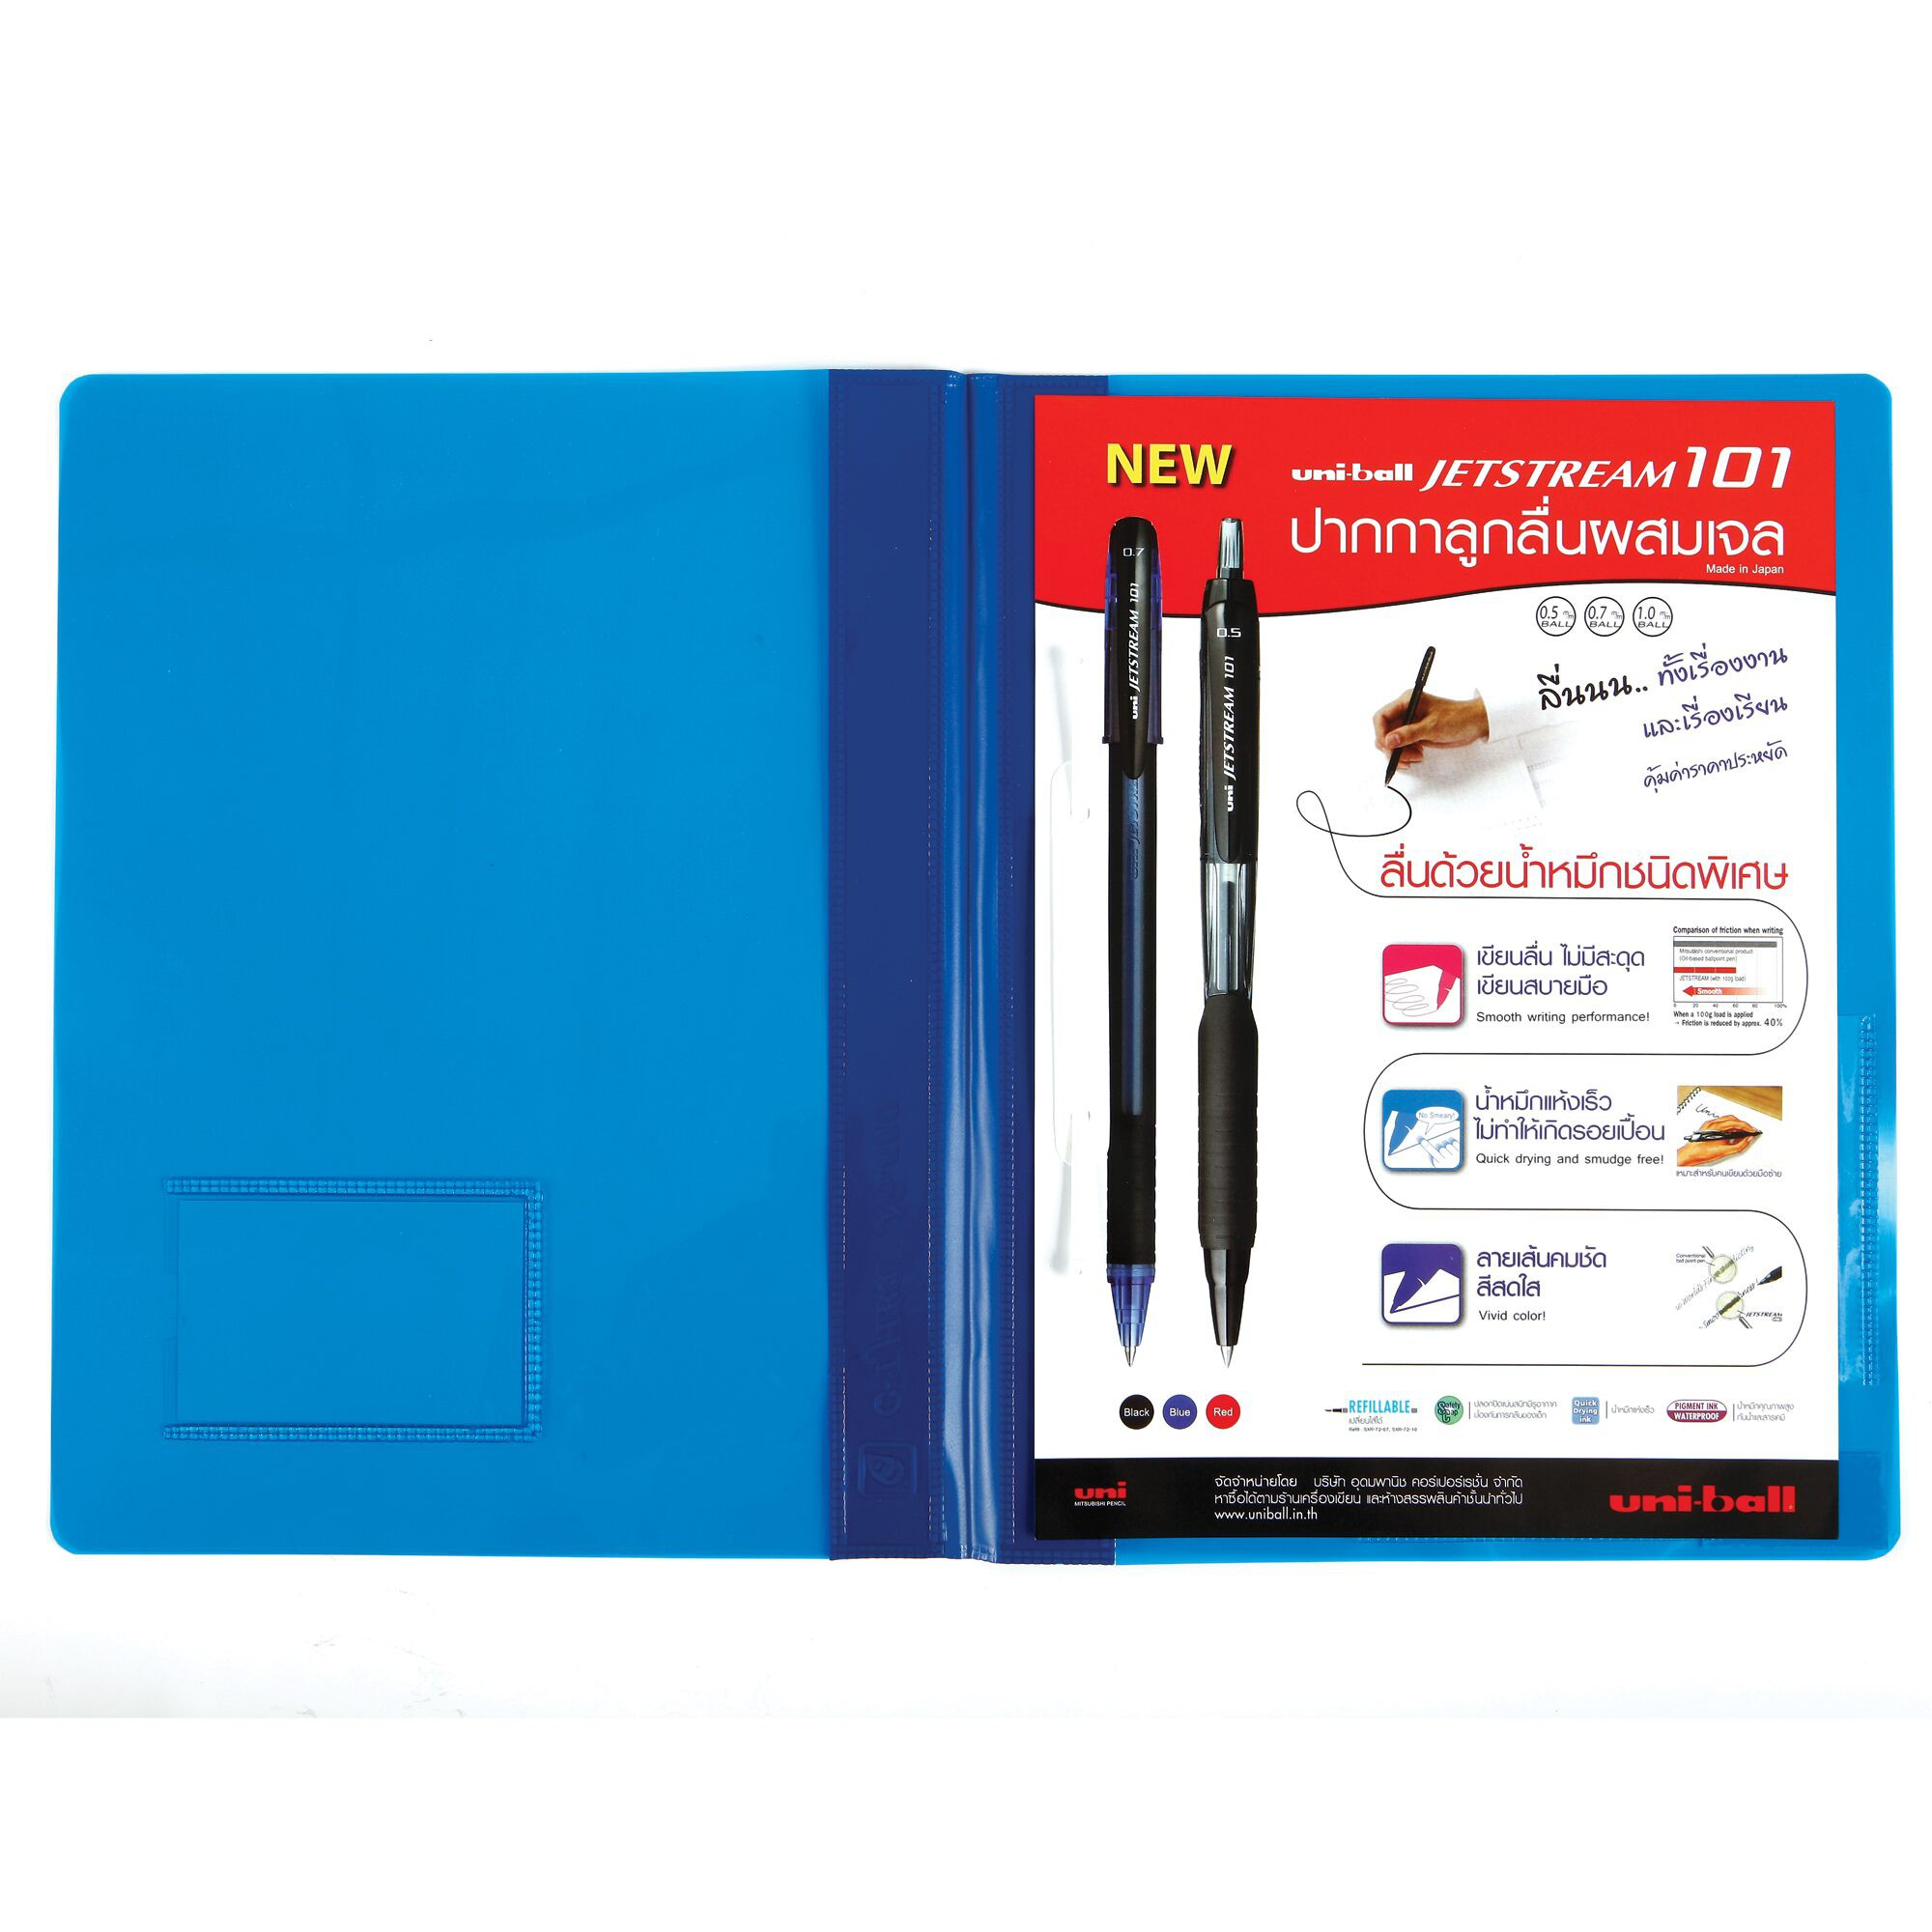 แฟ้มเจาะพลาสติก UD 550 สีน้ำเงิน A4